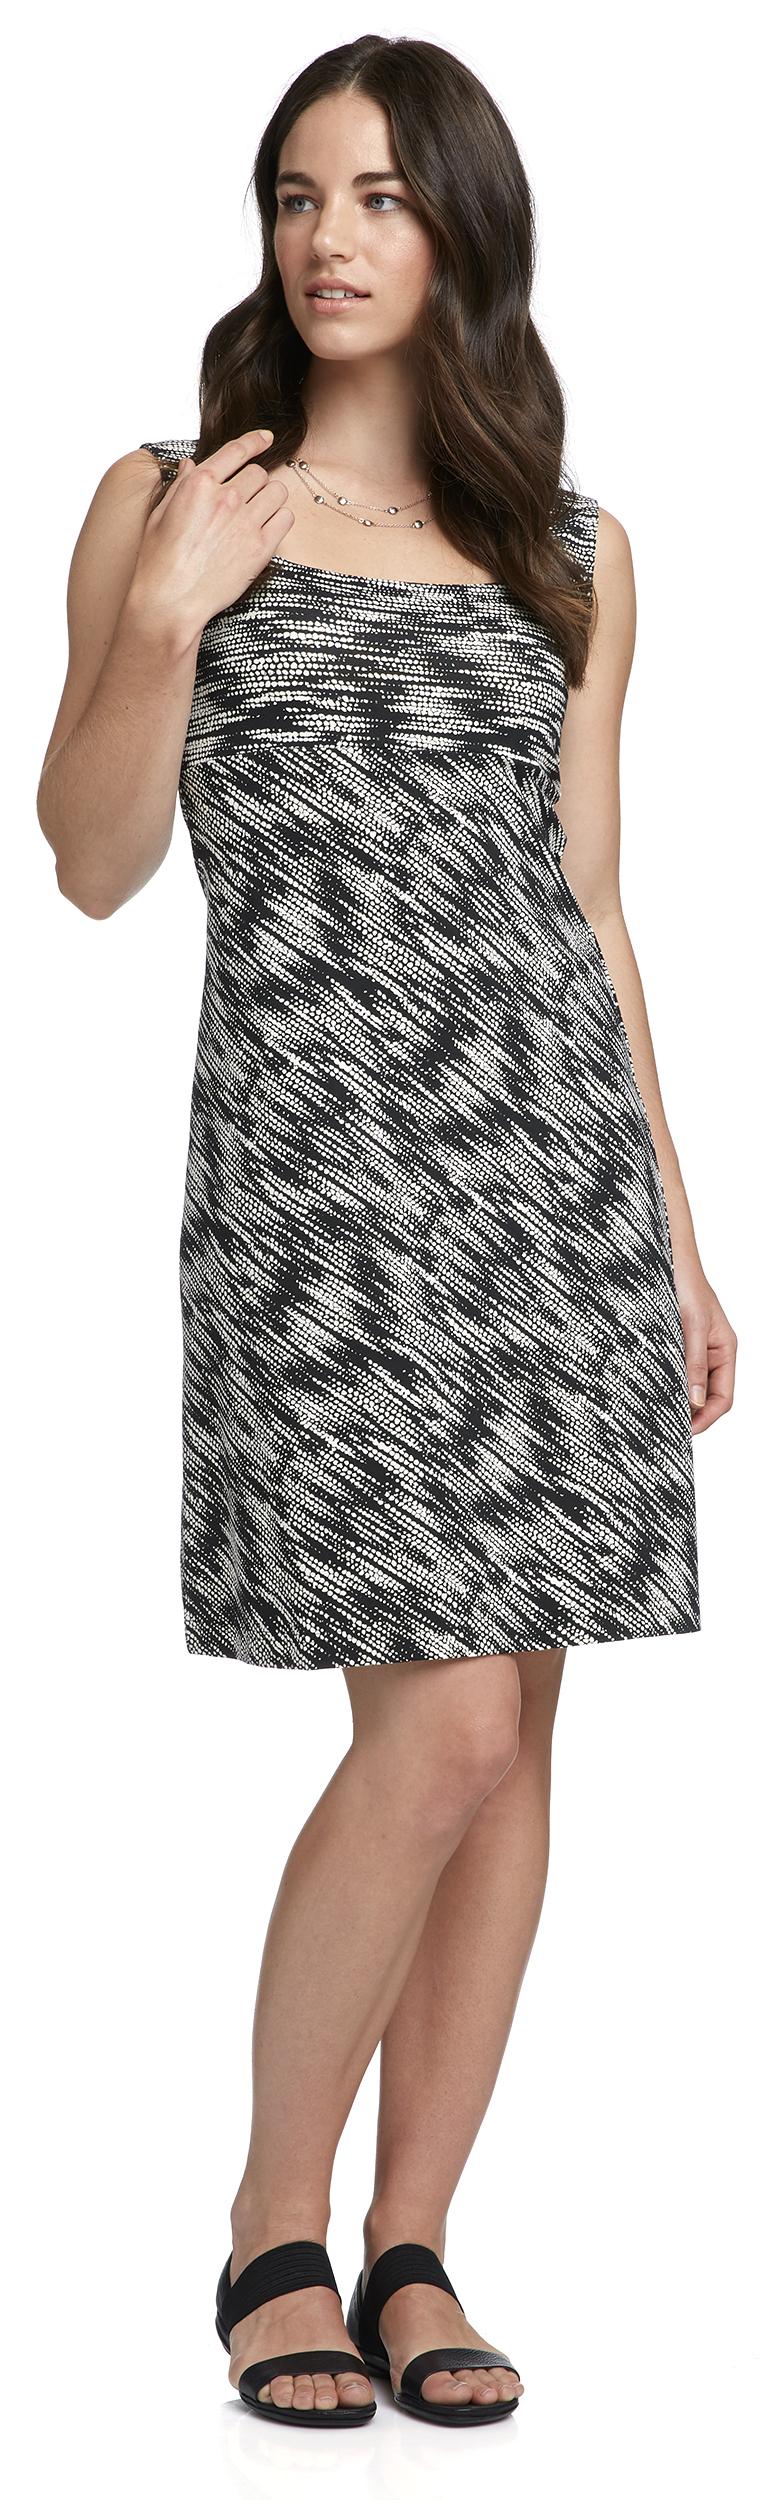 MEC Skyler Dress - Women's